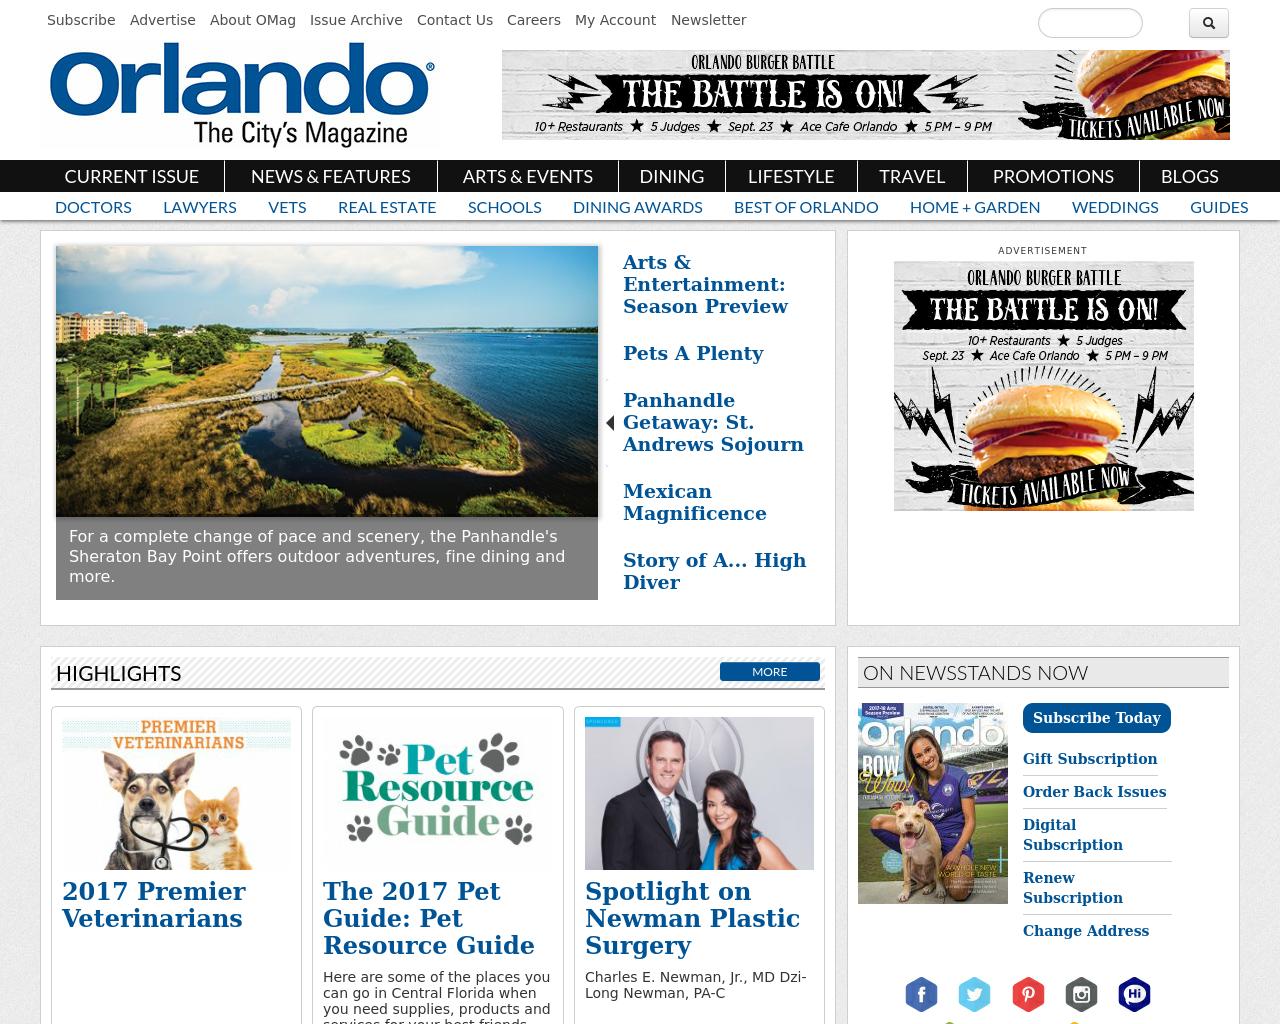 Orlando-Magazine-Advertising-Reviews-Pricing